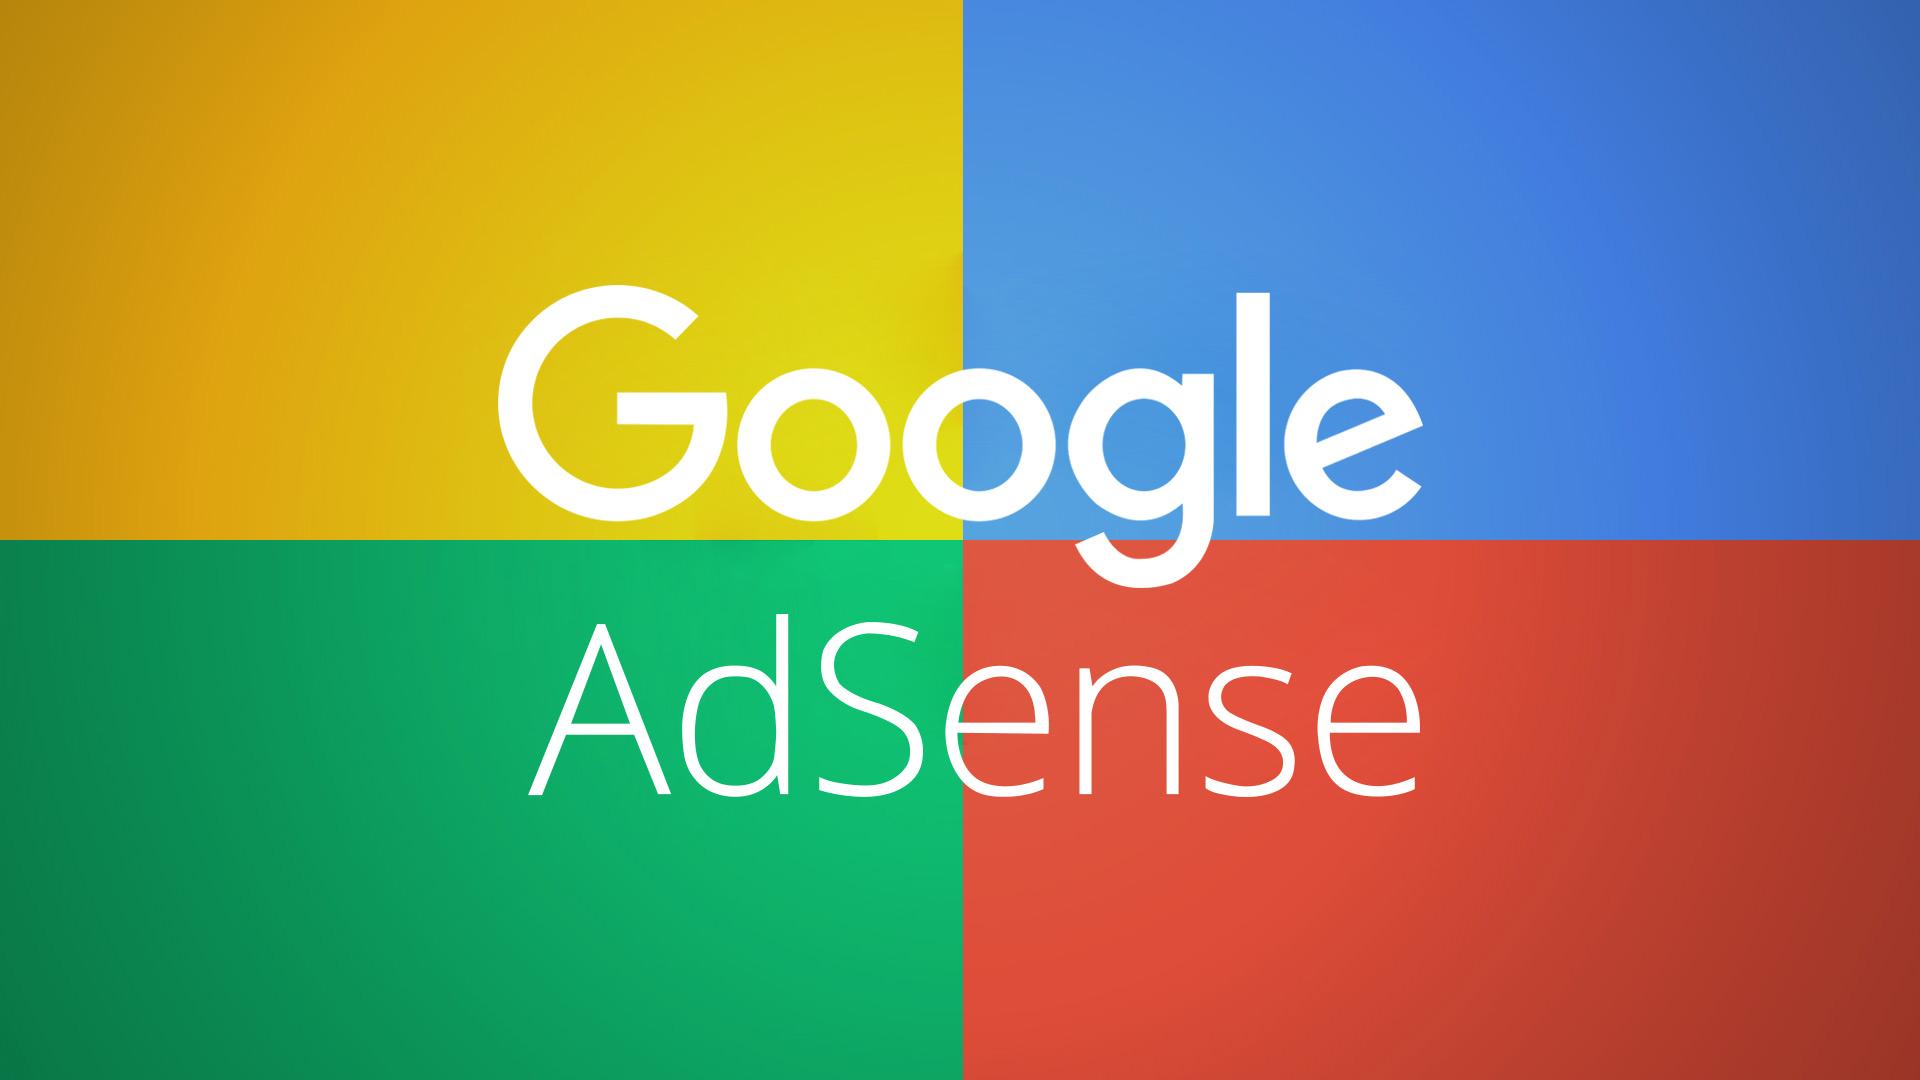 GoogleAdSense(グーグルアドセンス) 報酬 遅延